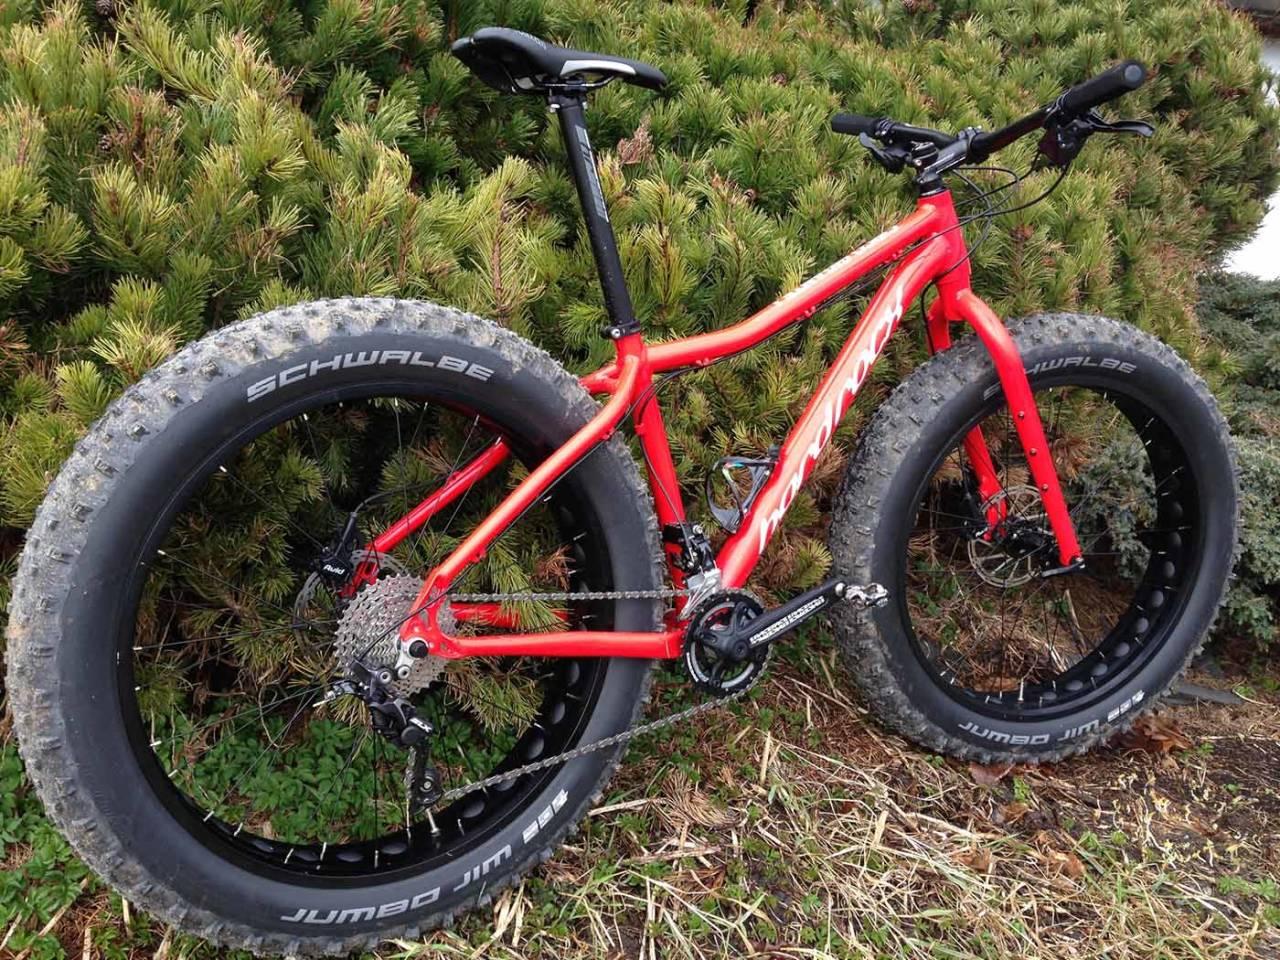 FEIT GIGANT: Vi har testet Hard Rocx sin fatbike, Cirgo Gigante. Foto: Gaute Reitan